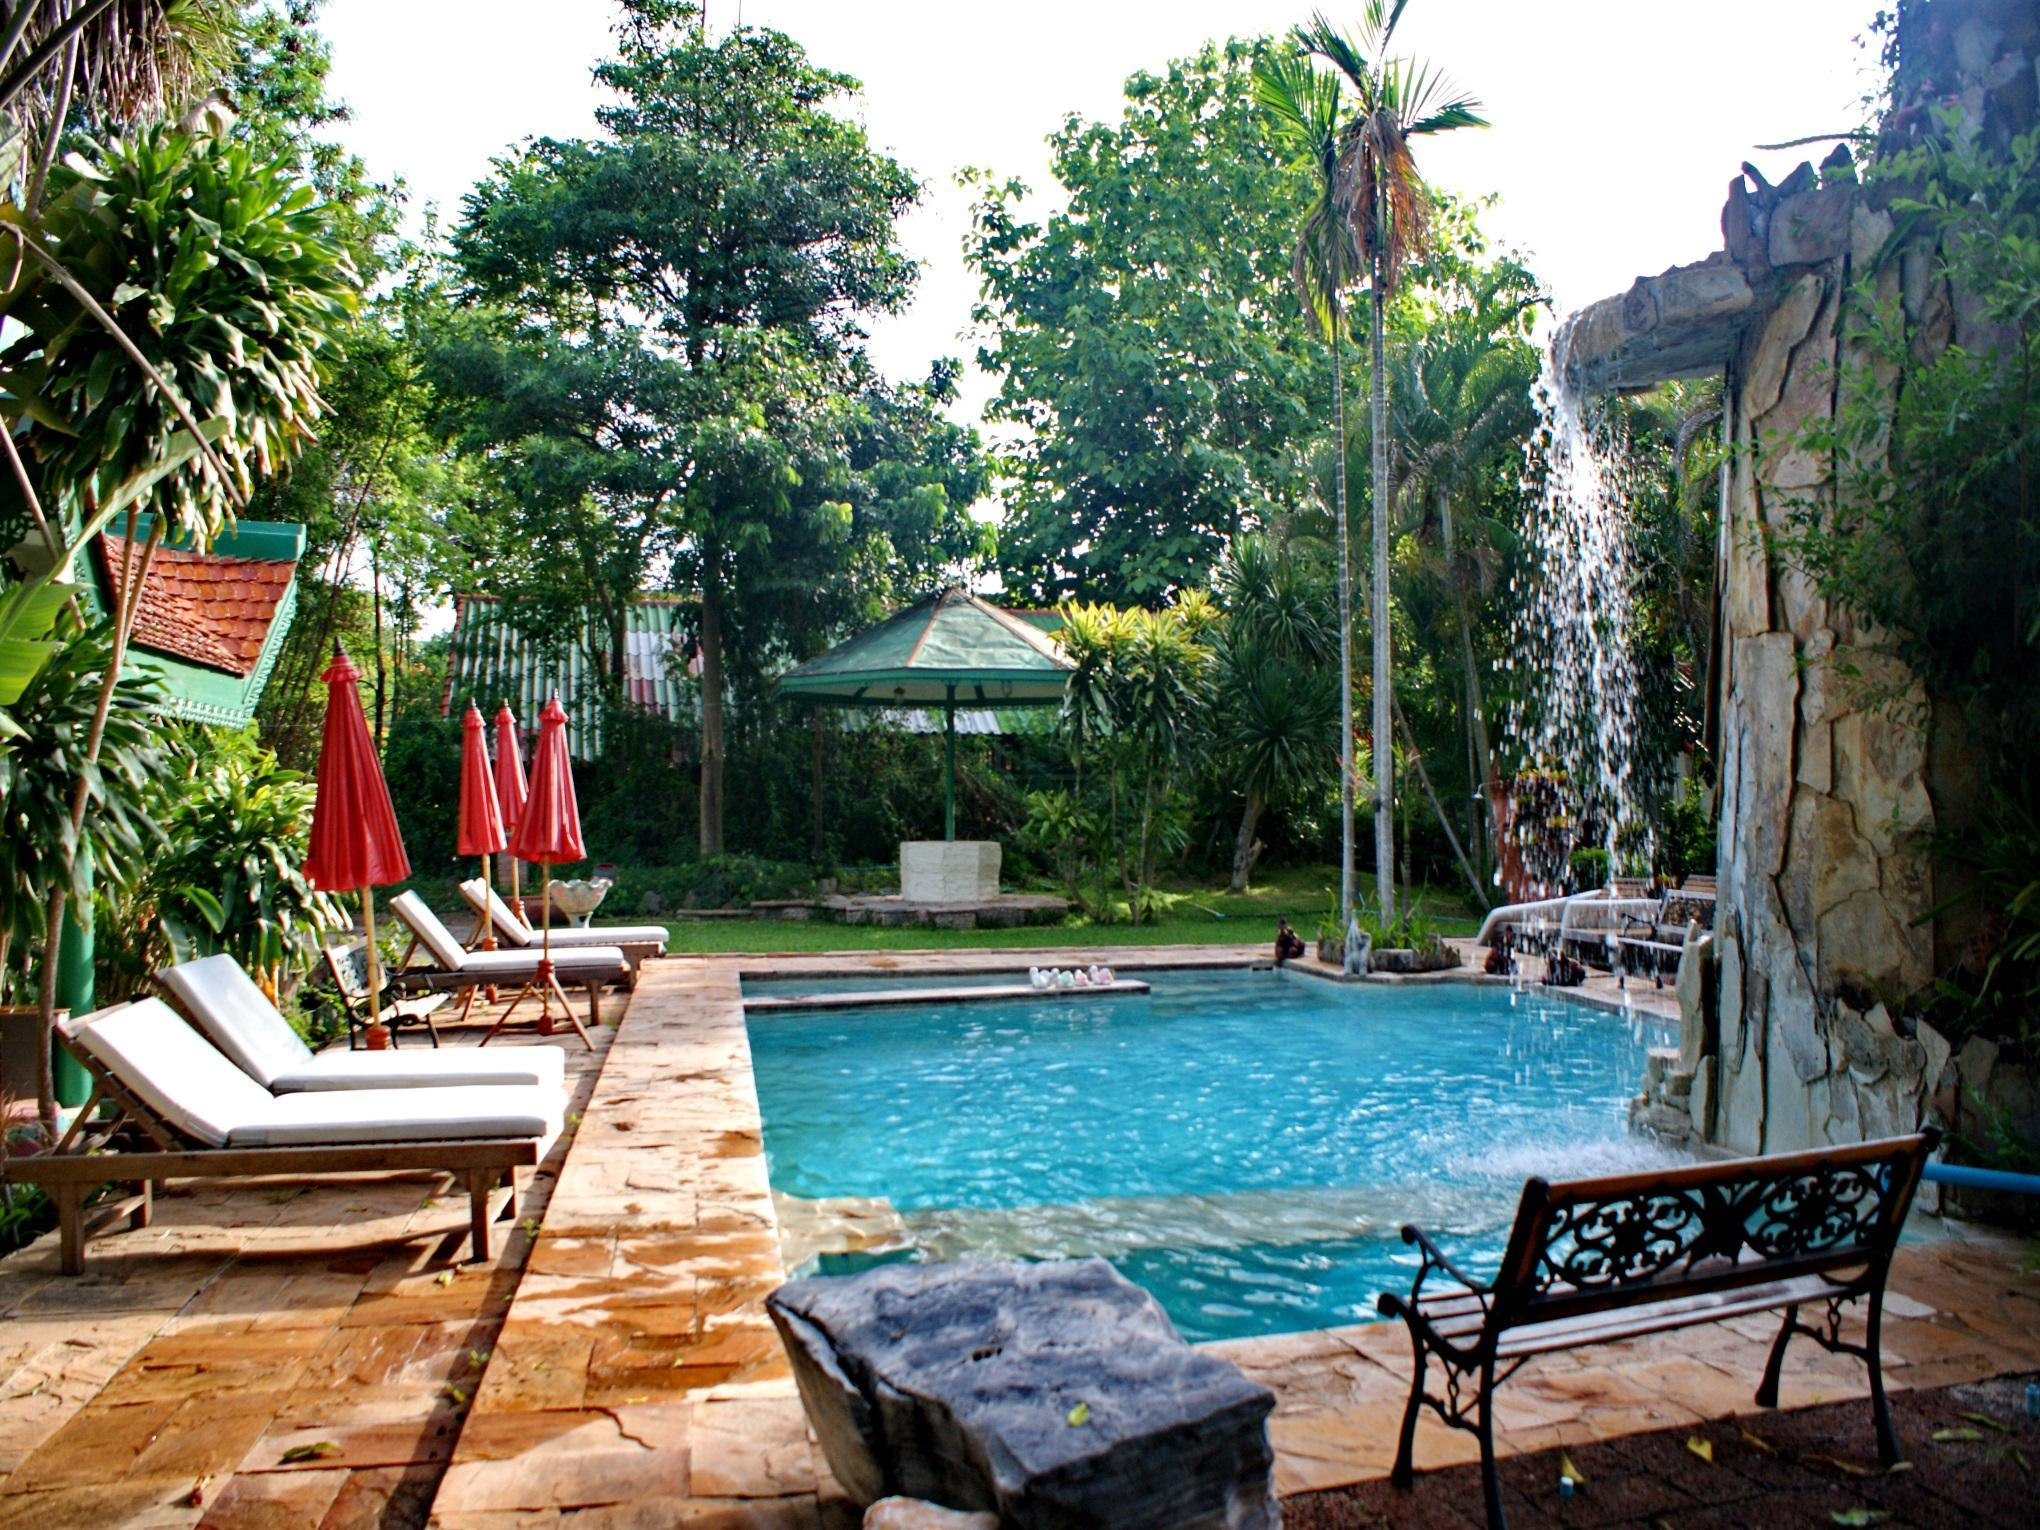 Hotell Khao Yai Garden Lodge i , Khao Yai / Nakhonratchasima. Klicka för att läsa mer och skicka bokningsförfrågan